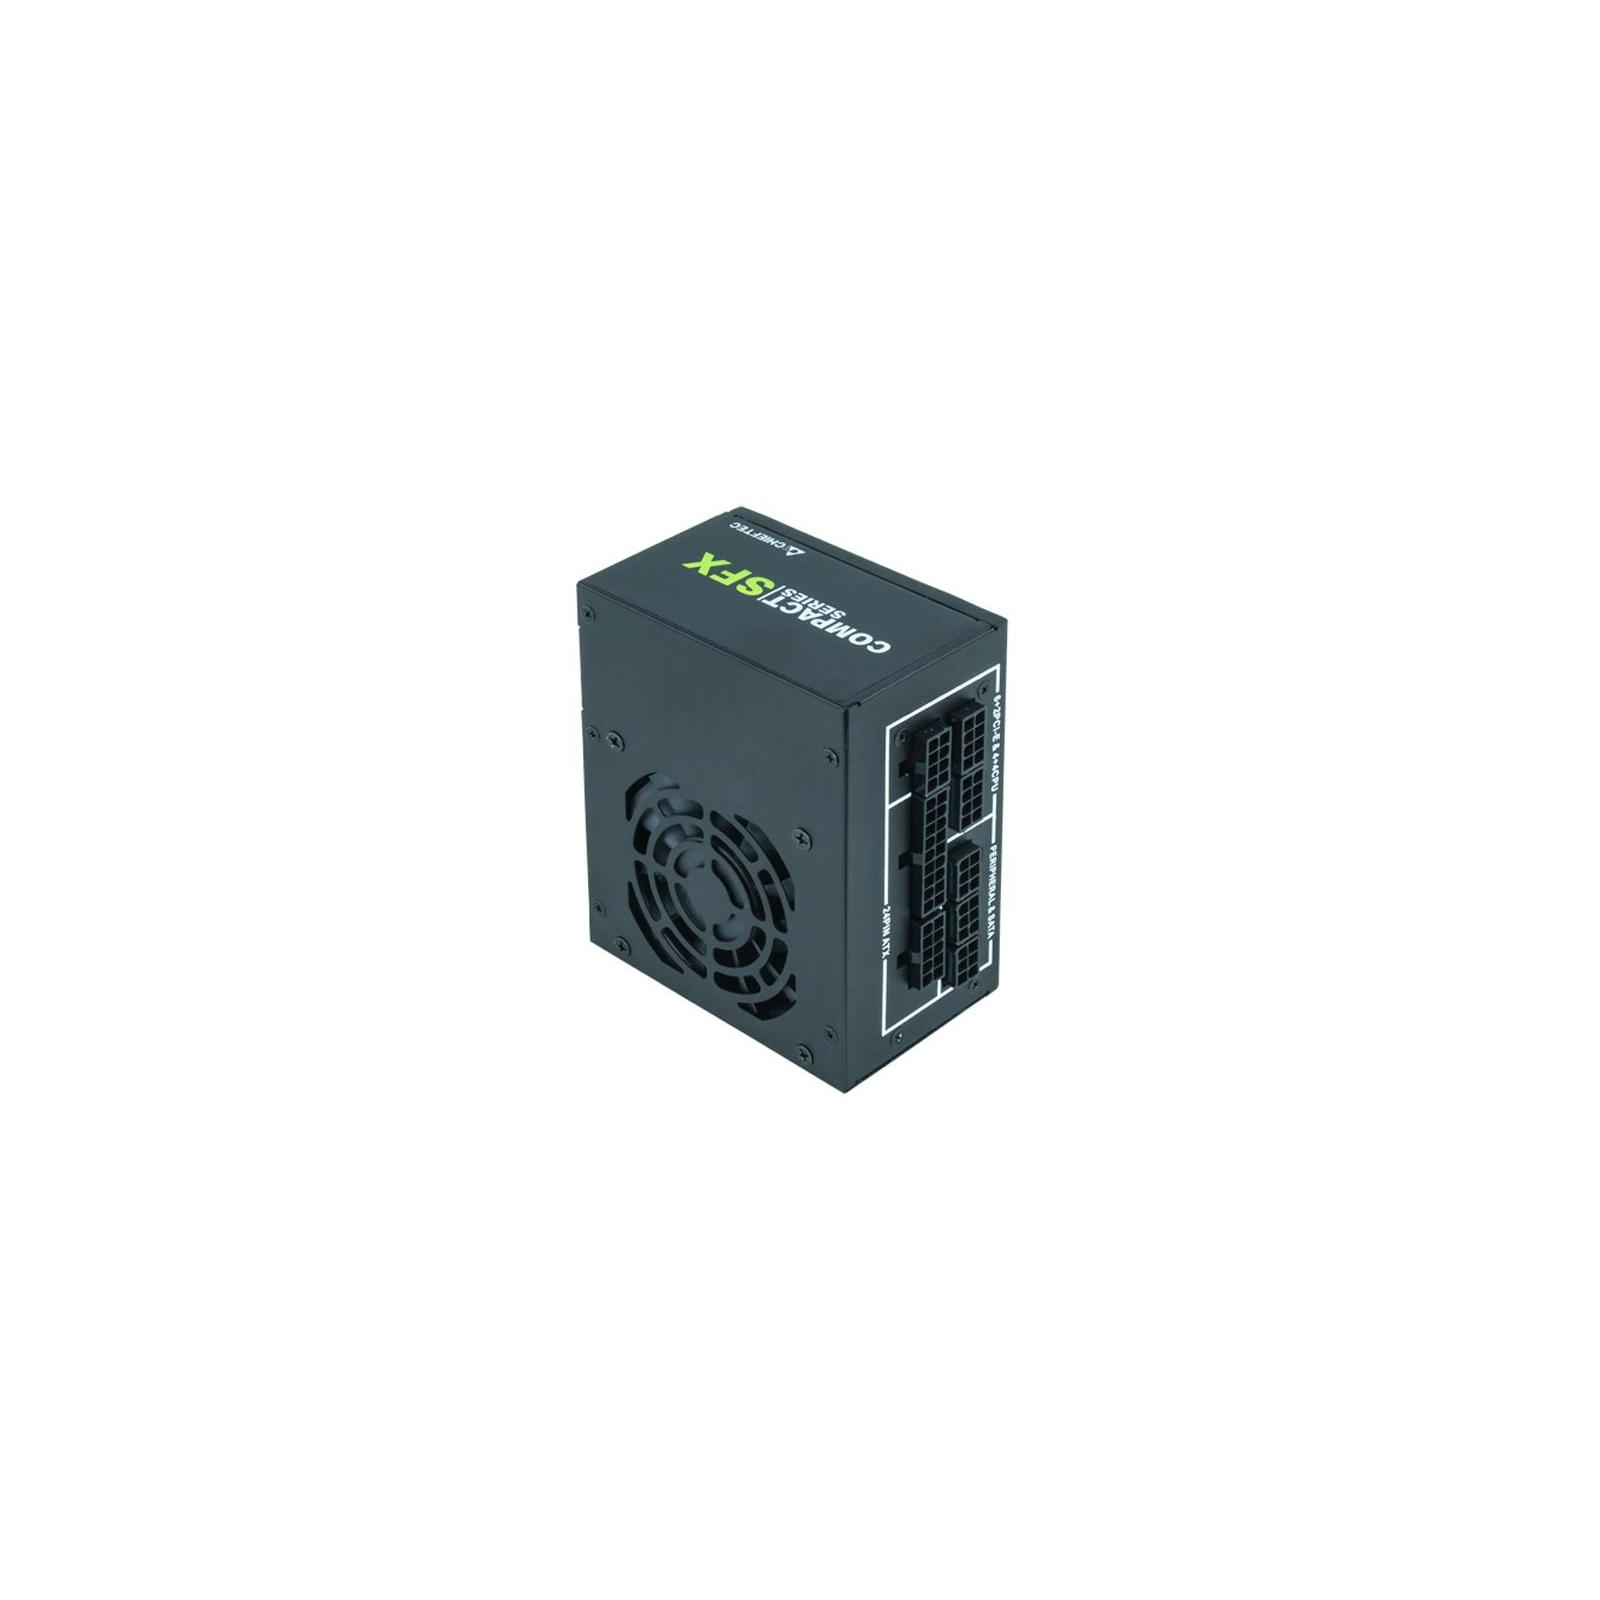 Блок питания Chieftec 650W (CSN-650C) изображение 2